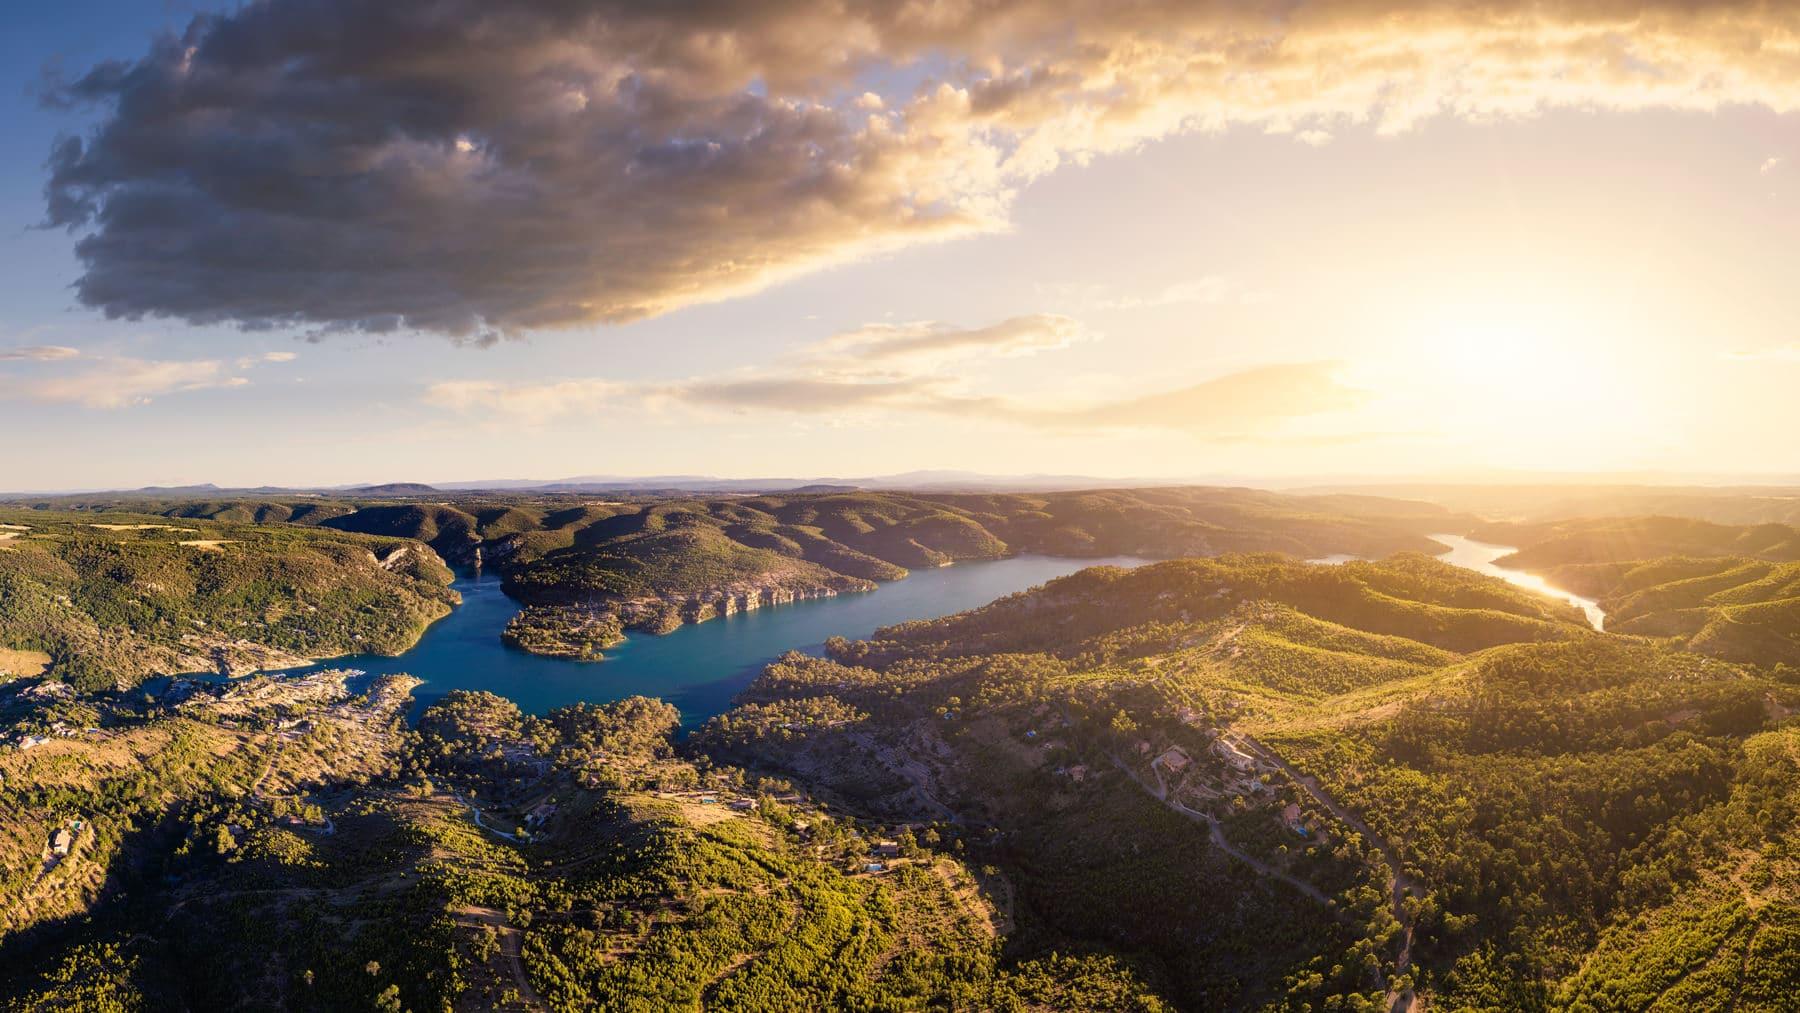 Luftaufnahme - Frankreich Provence Lac Esparron de Verdon